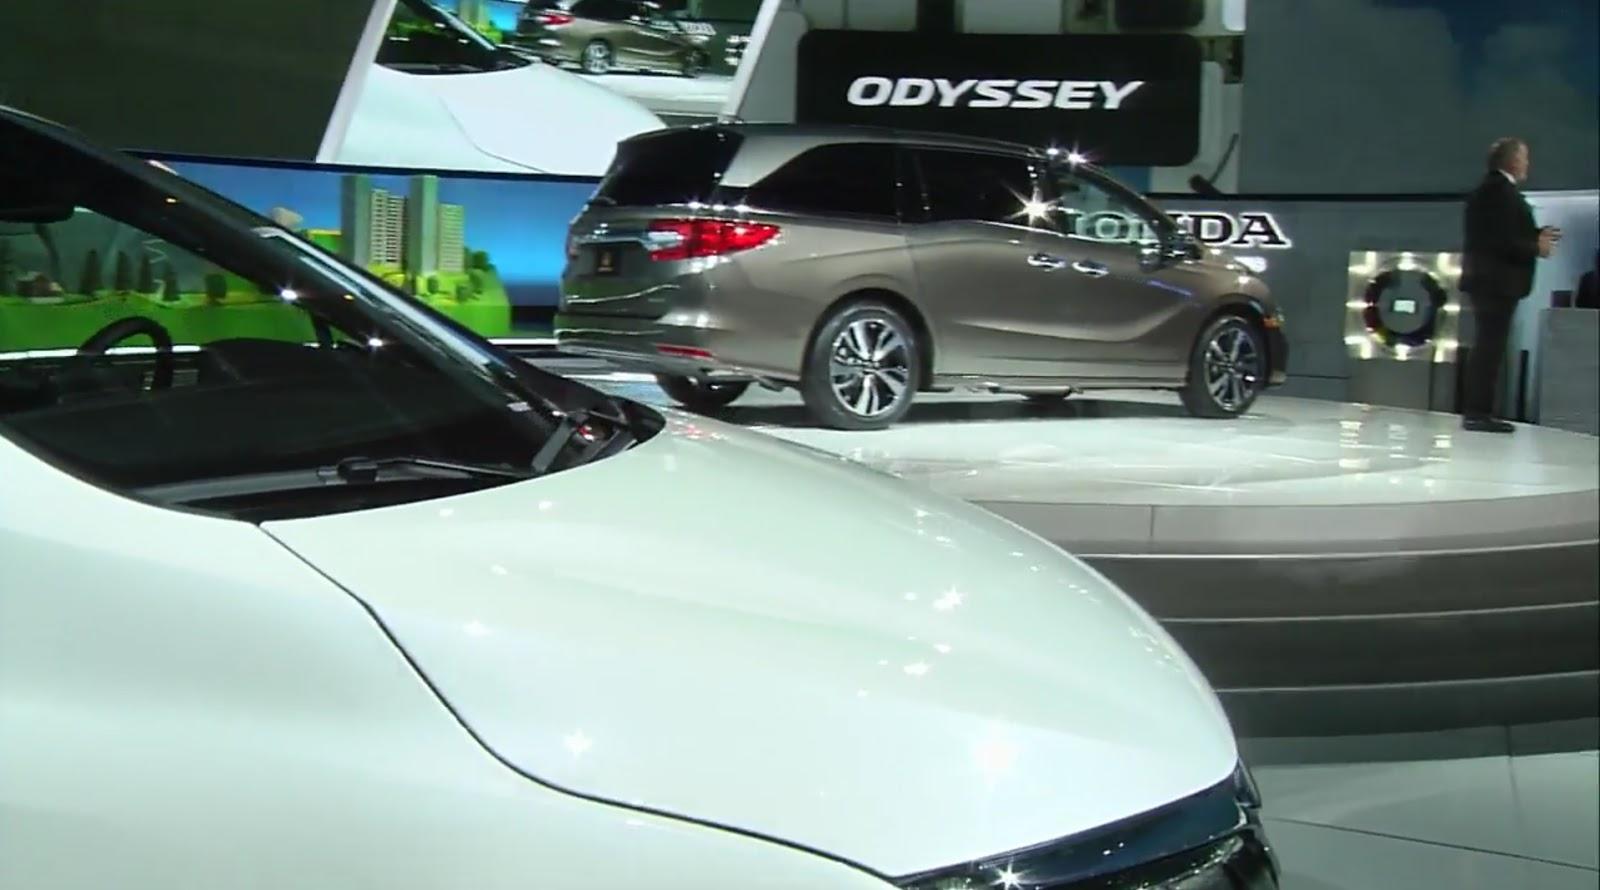 2011 honda odyssey review edmunds autos post for Vip honda nj